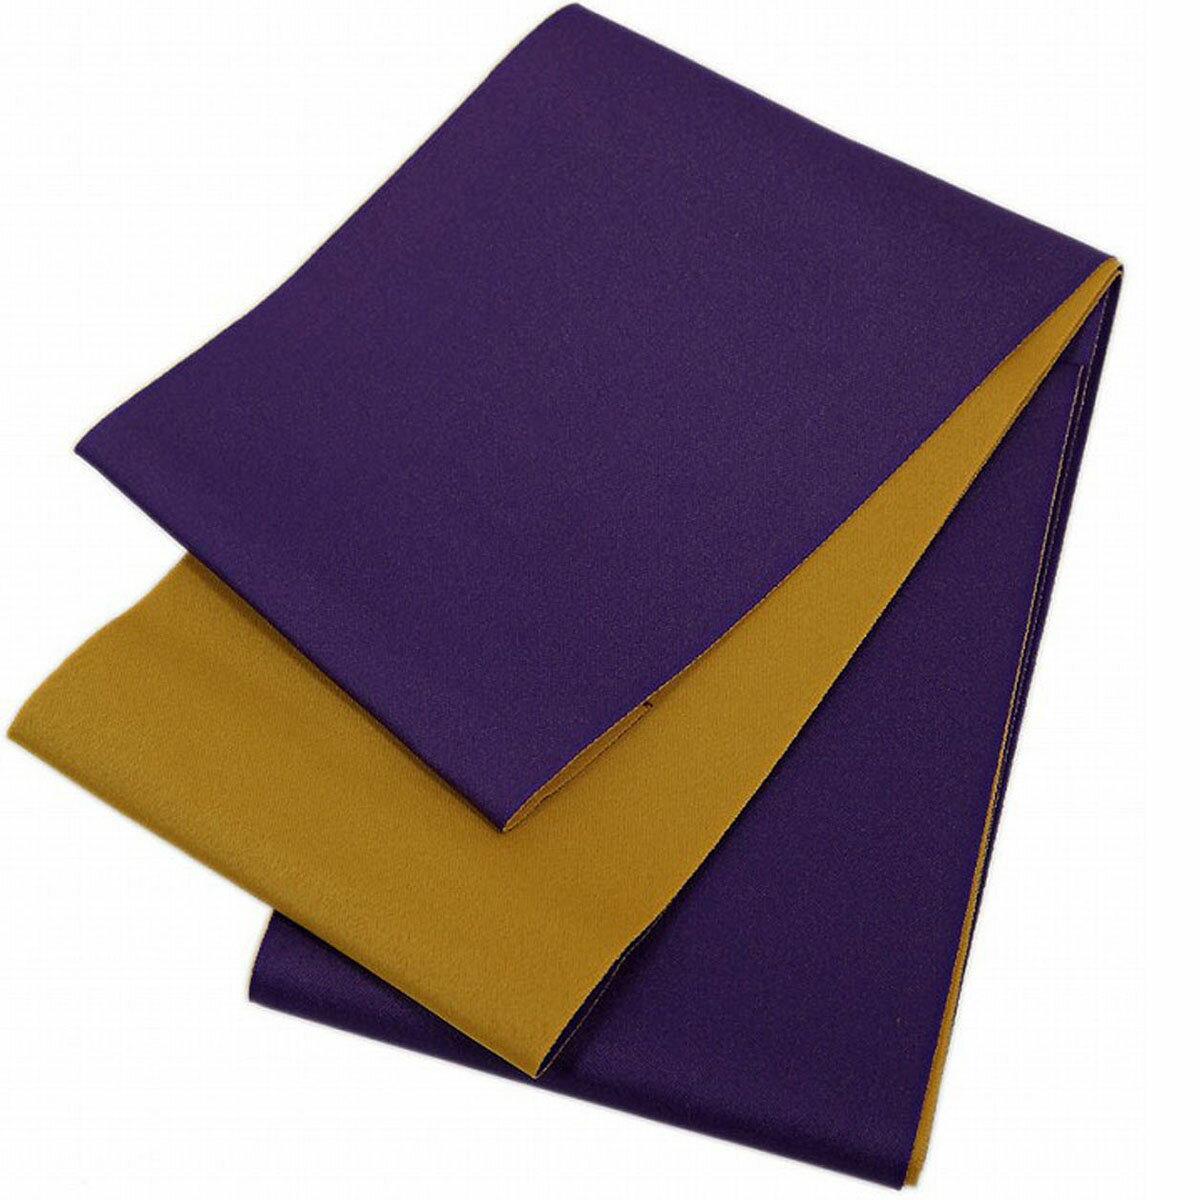 日本製 シンプル リバーシブル 浴衣帯 無地 紫×黄色 長尺 超長尺